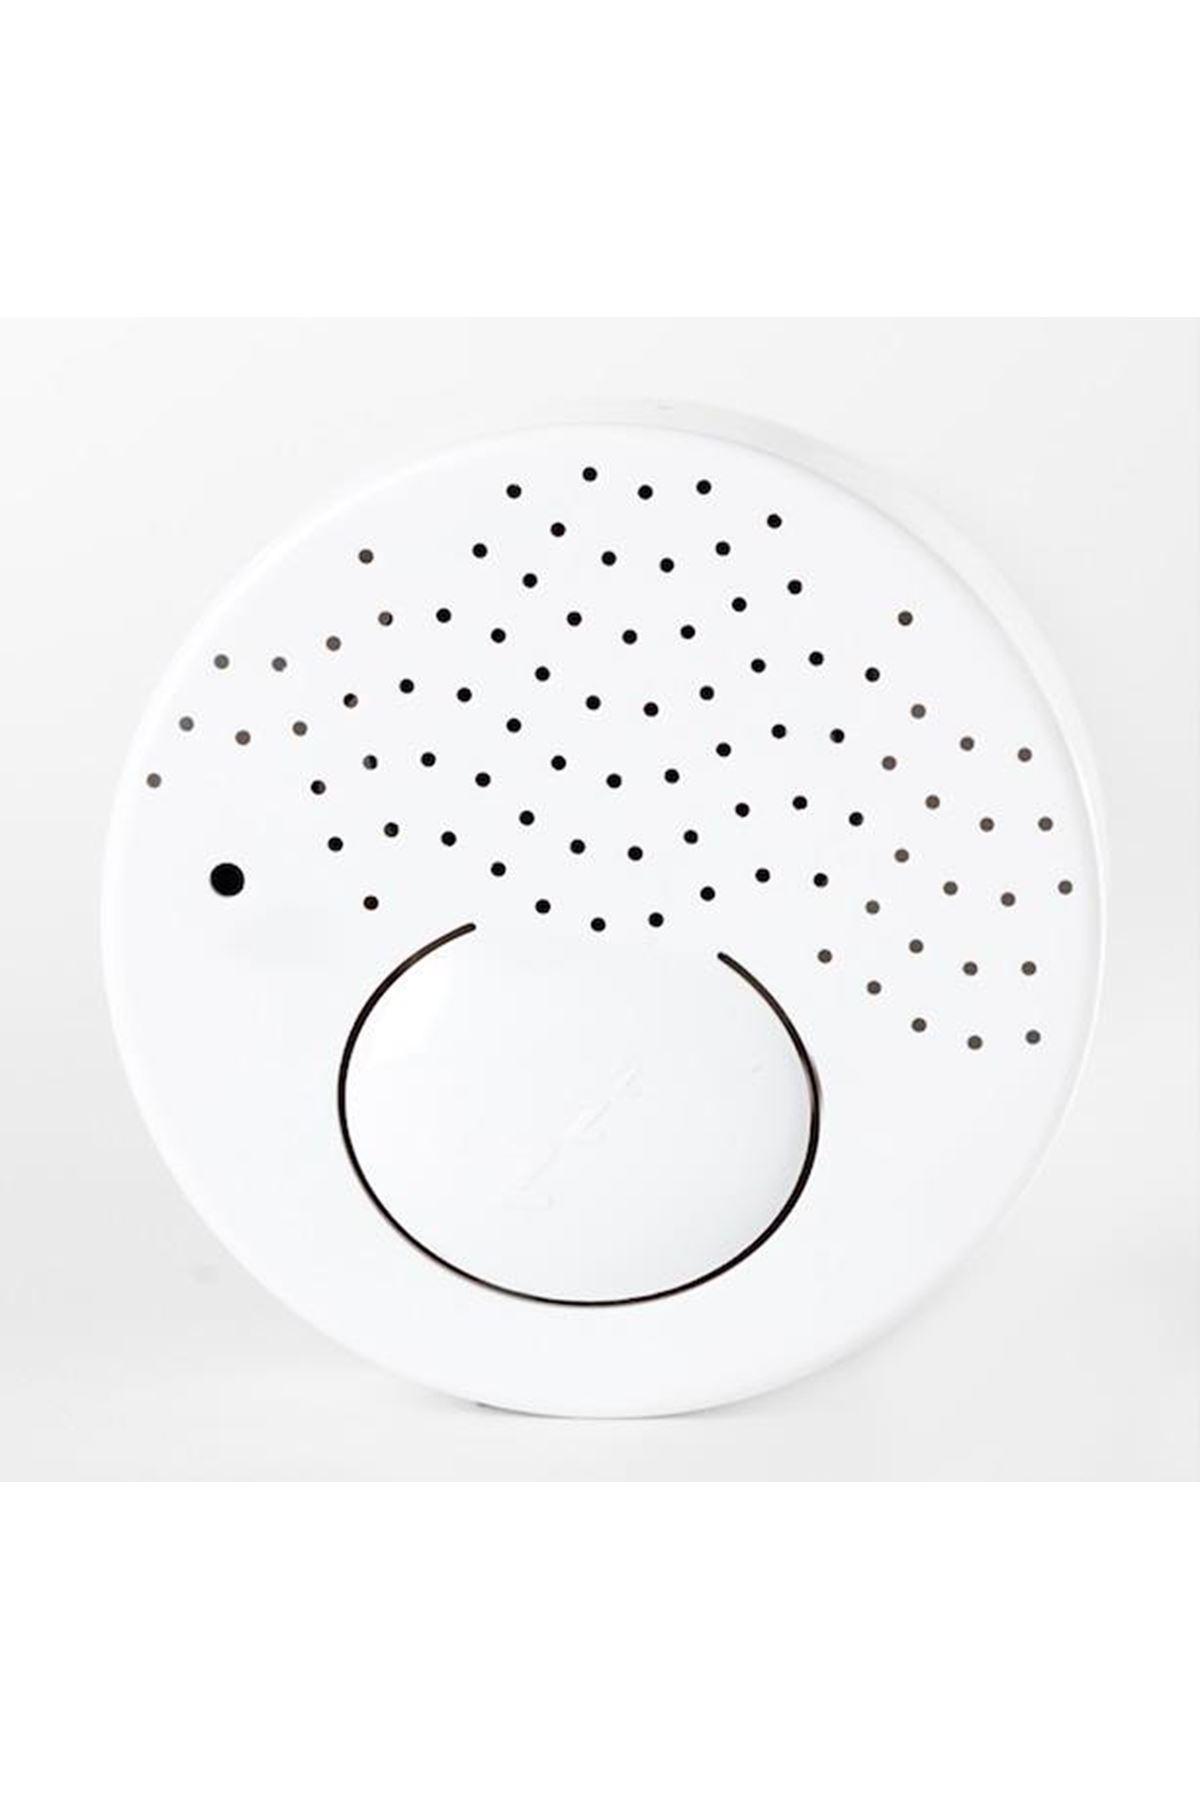 Budizzz Beyaz Gürültü Sağlayan Sensörlü Uyku Arkadaşı Gri